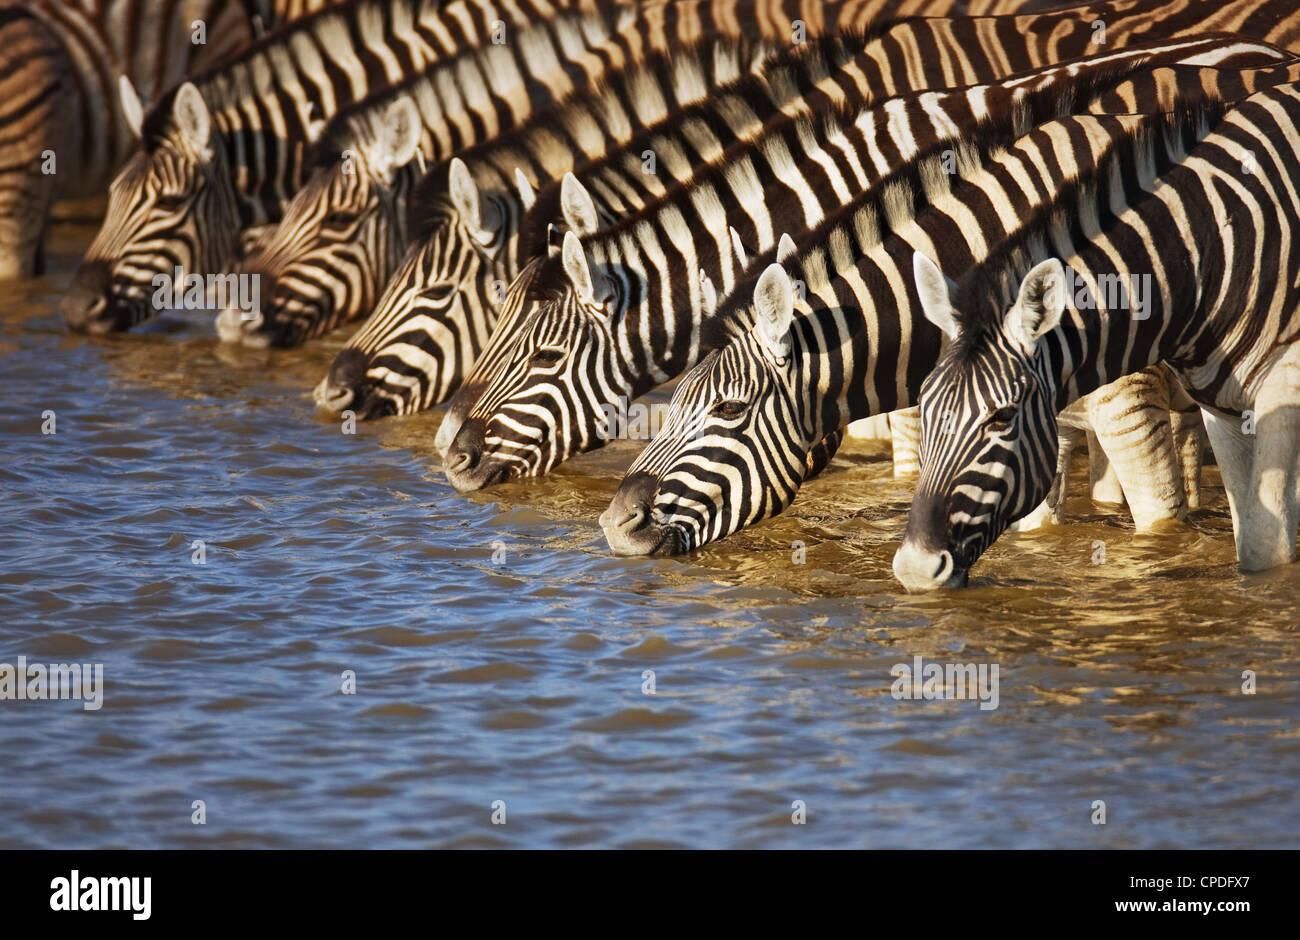 Troupeau de zèbres Etosha en eau potable; Equus burchell's Photo Stock